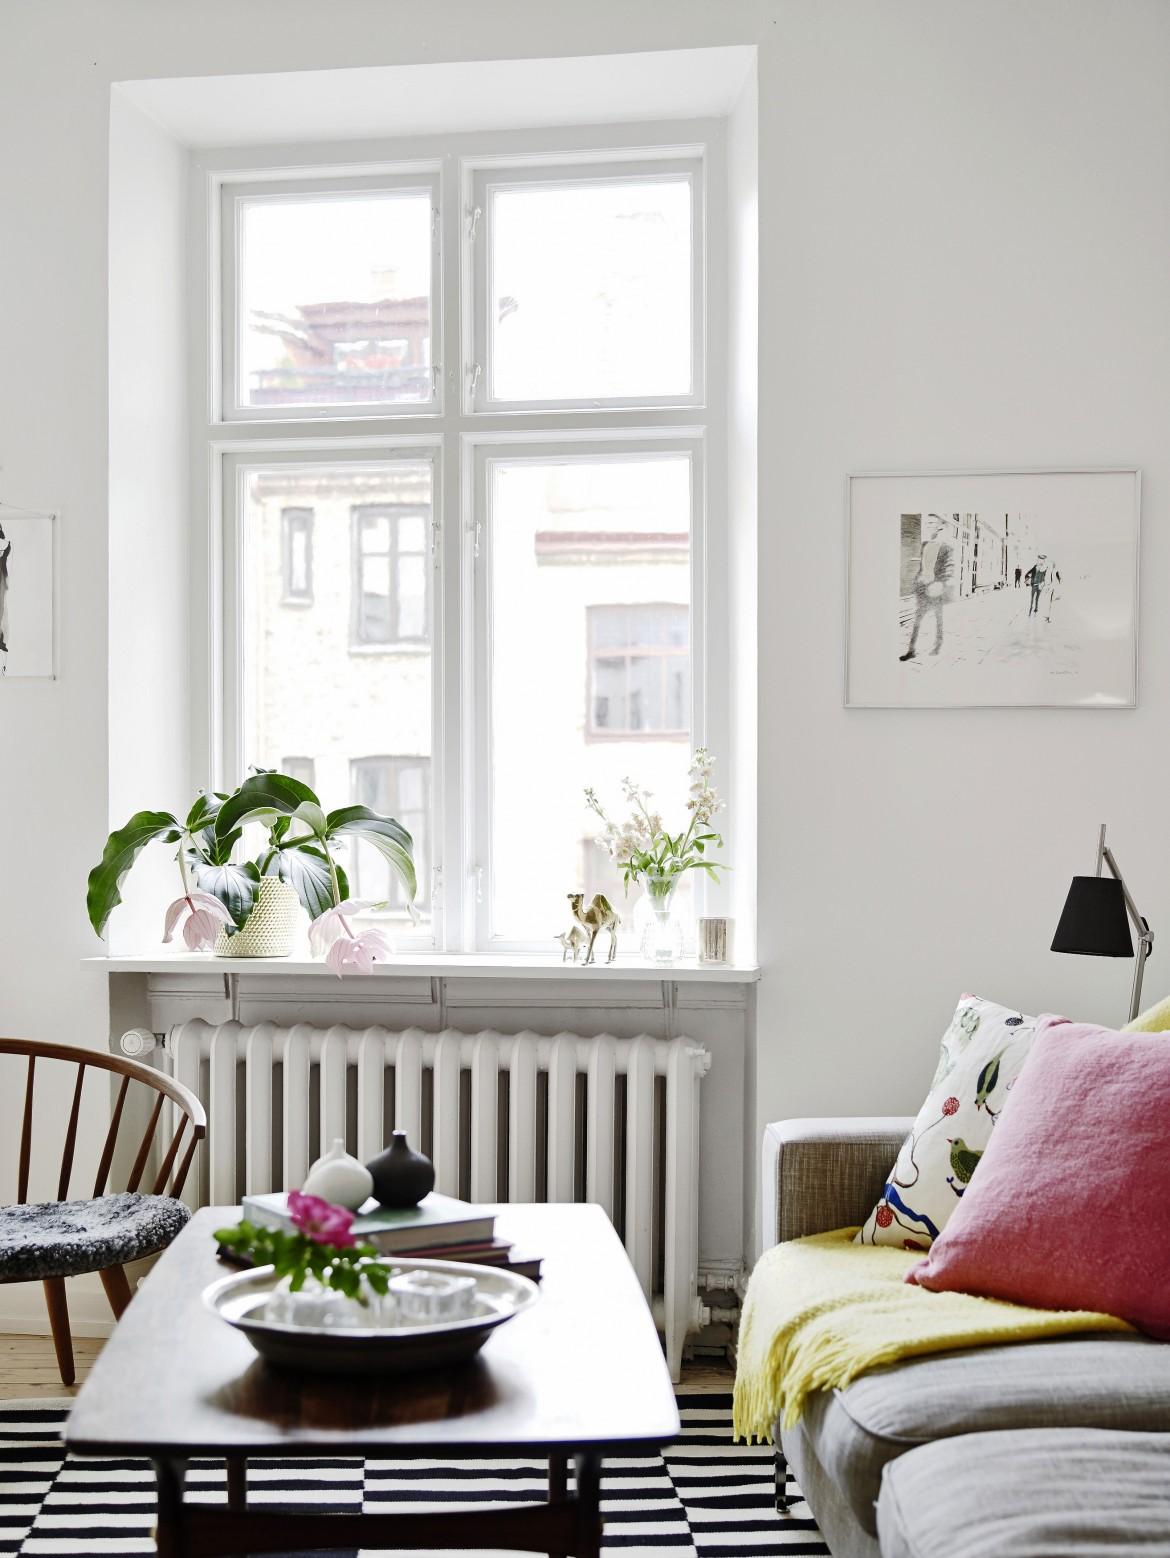 ventana con plantas